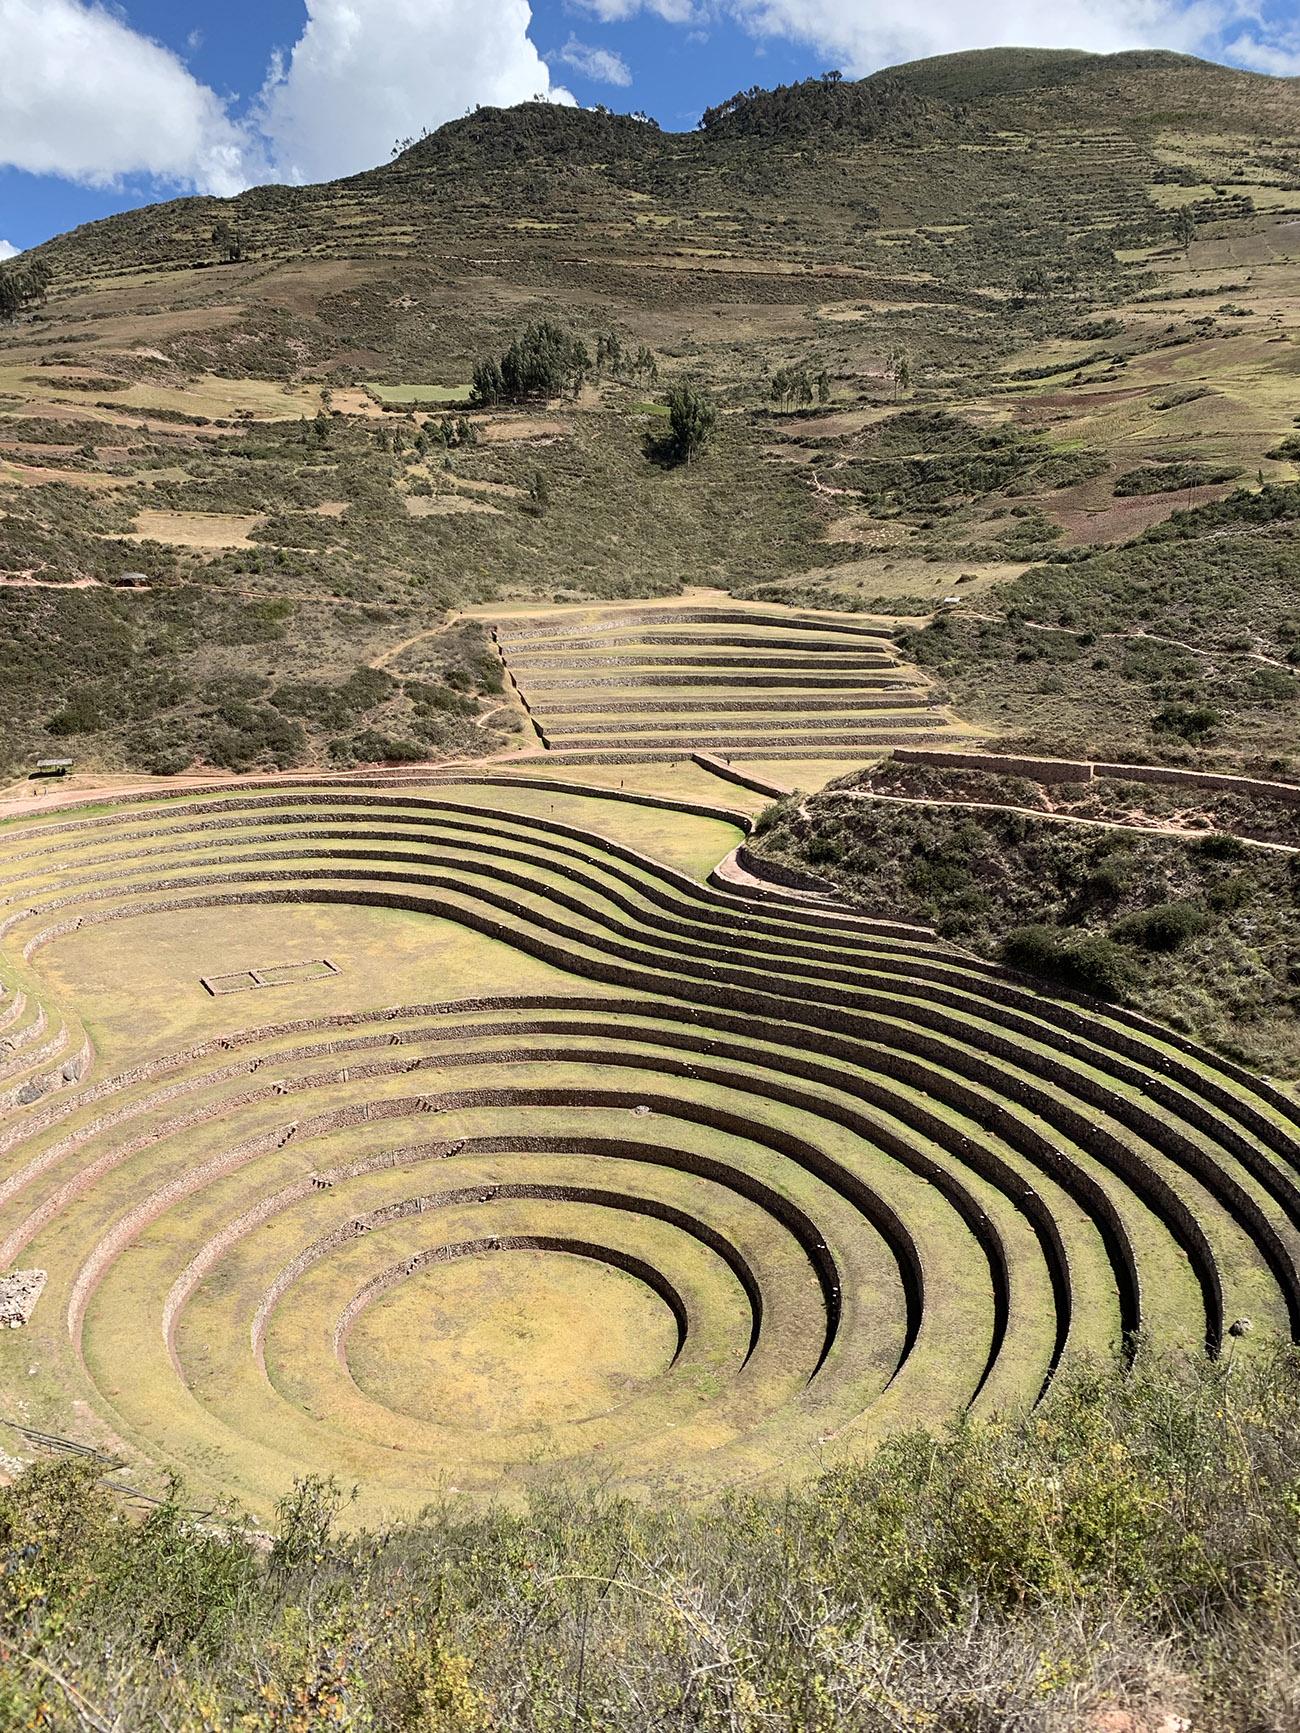 Moray Ruins in Peru